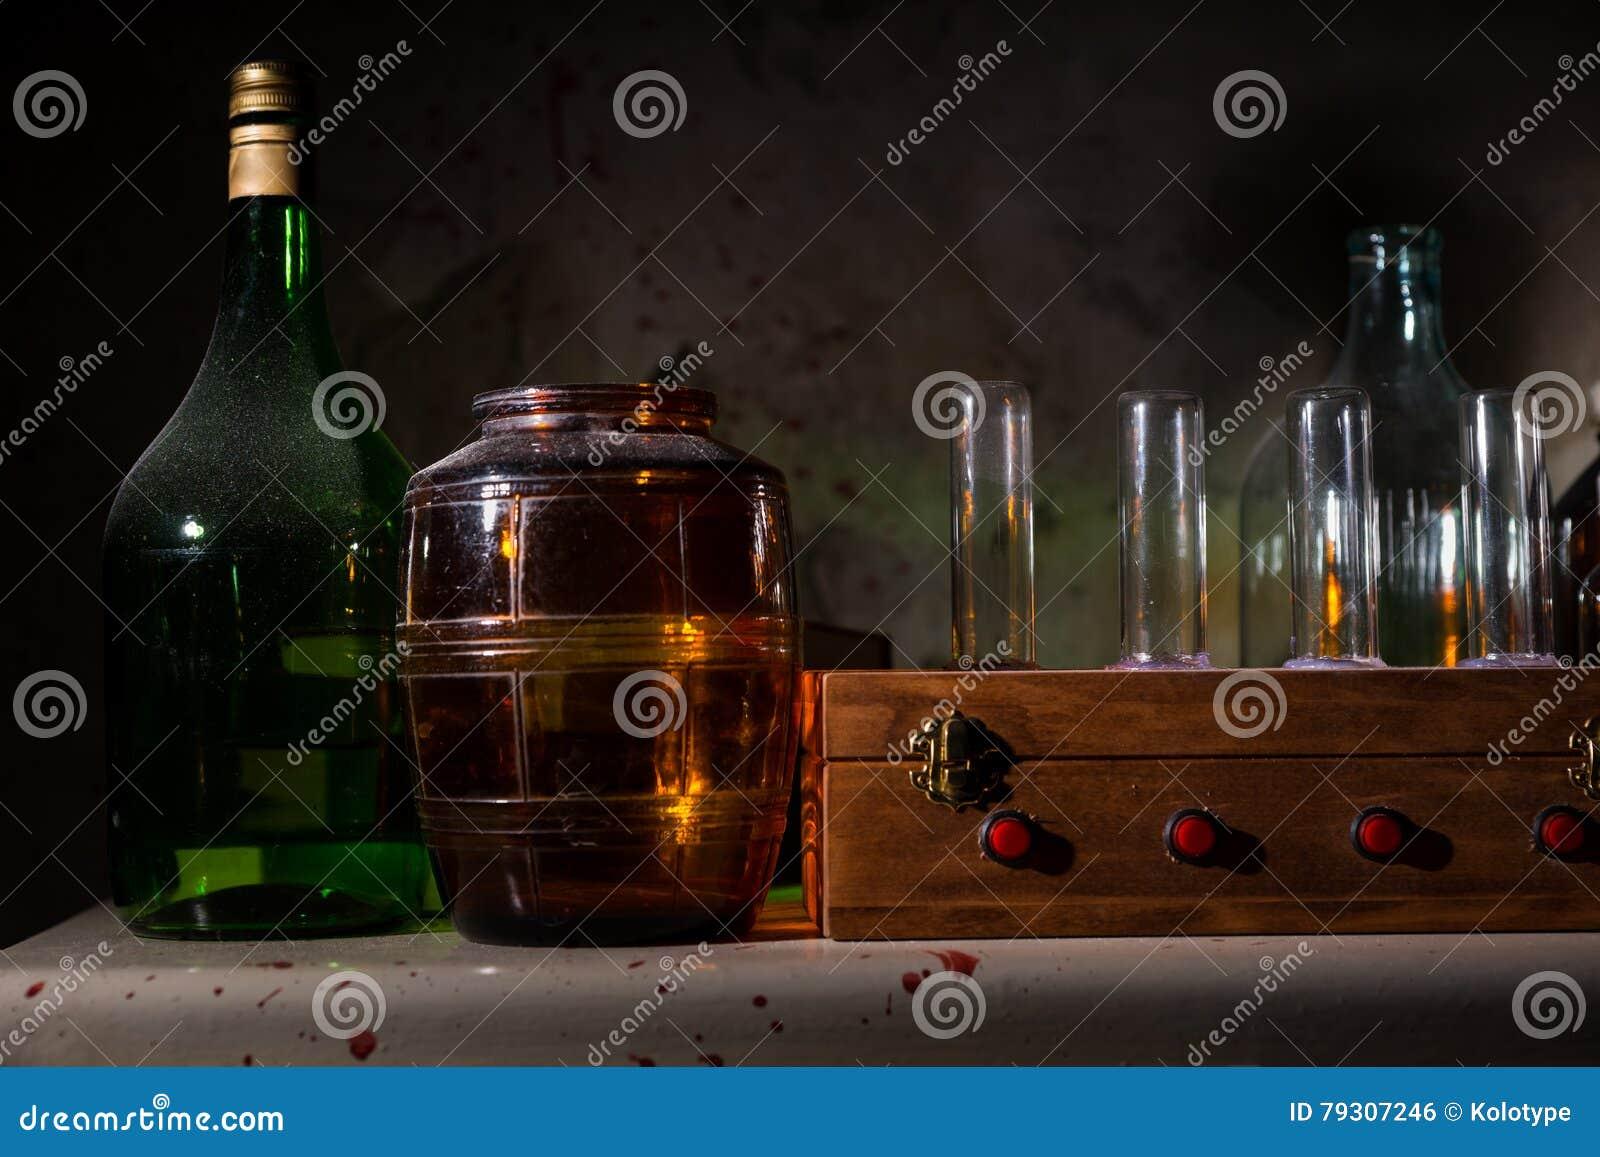 Pareti Con Bottiglie Di Vetro : Chiuda su dei barattoli e delle bottiglie di vetro con la parete